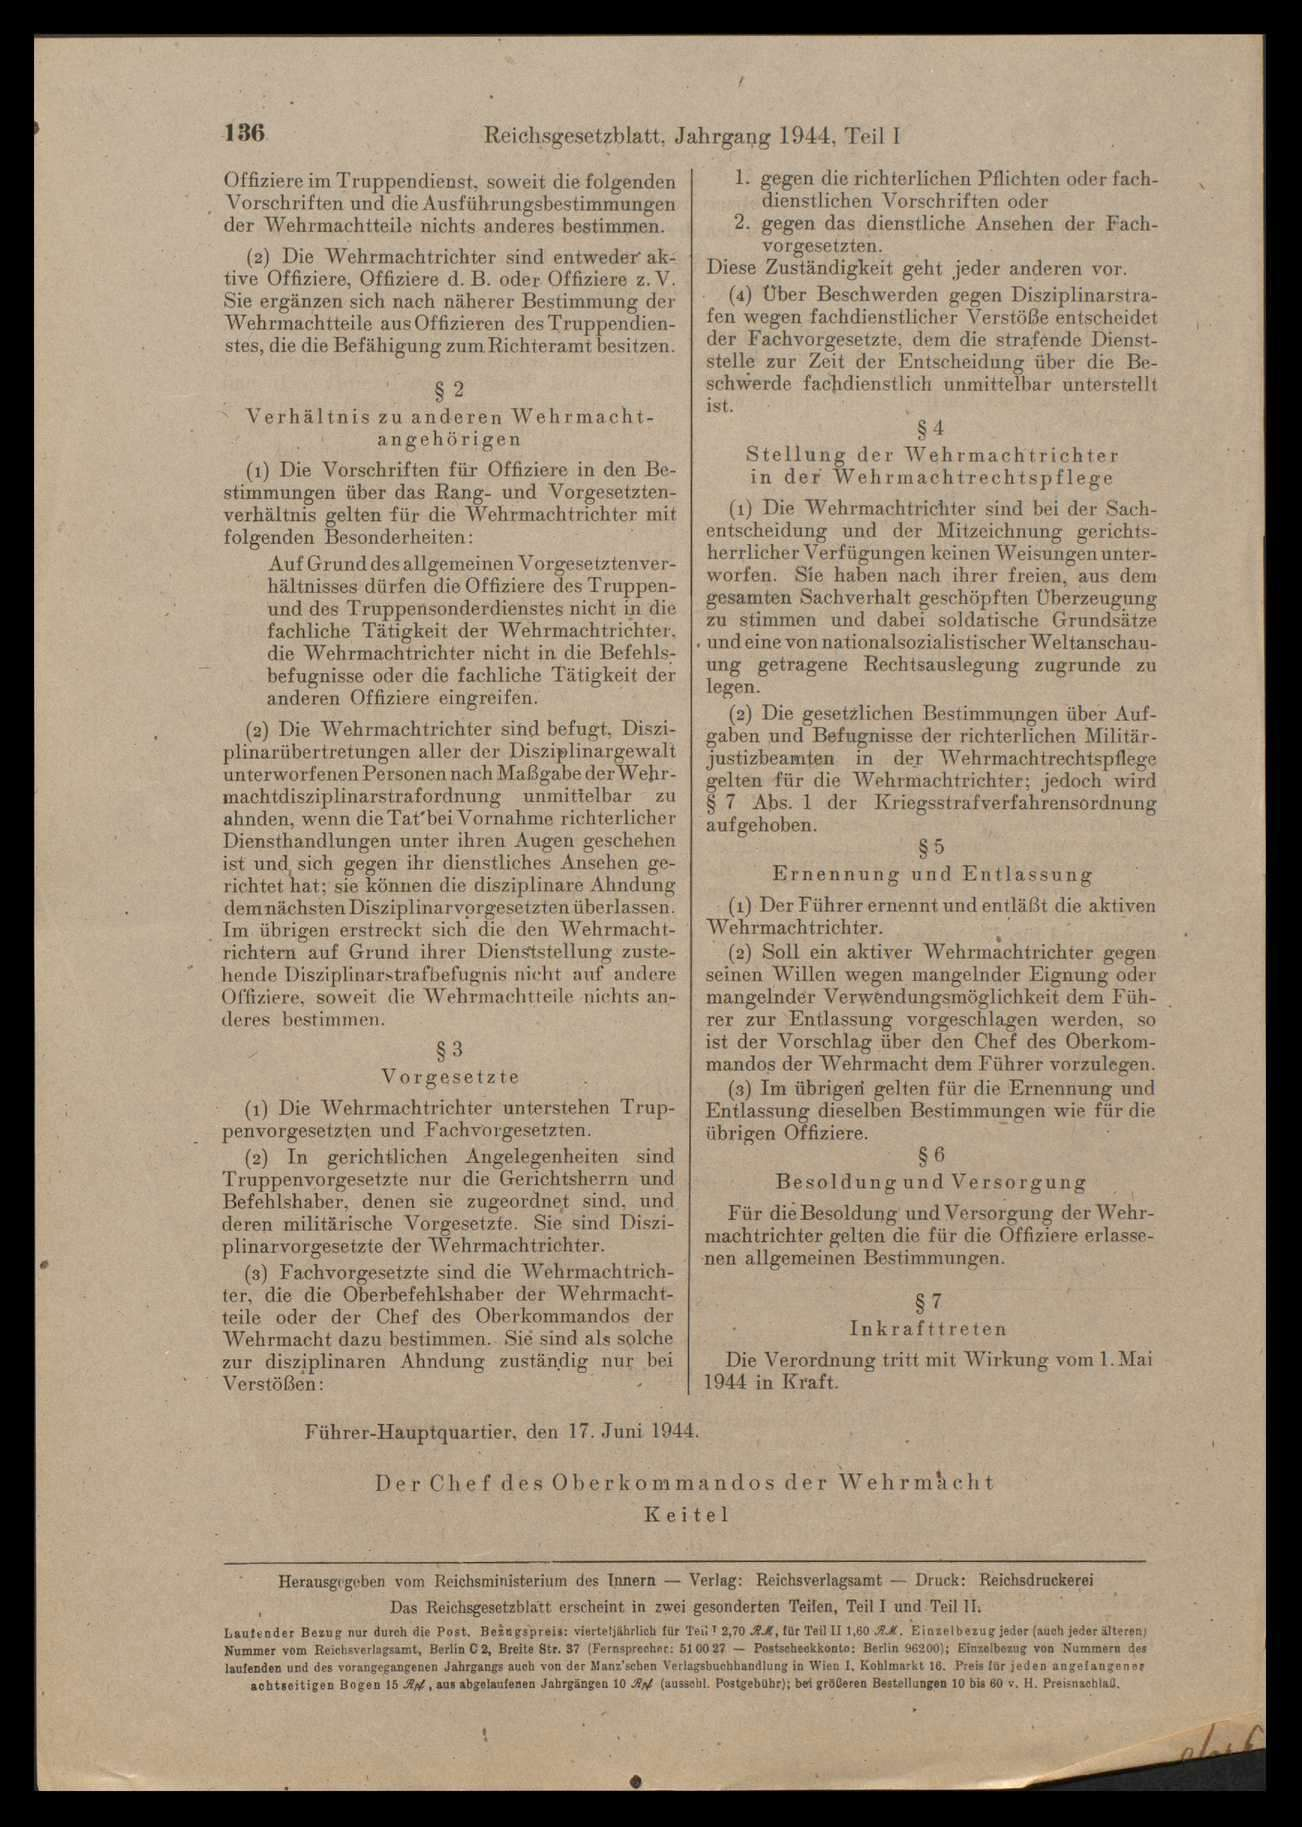 Gewerbe- und Handelsaufsicht, Bild 3